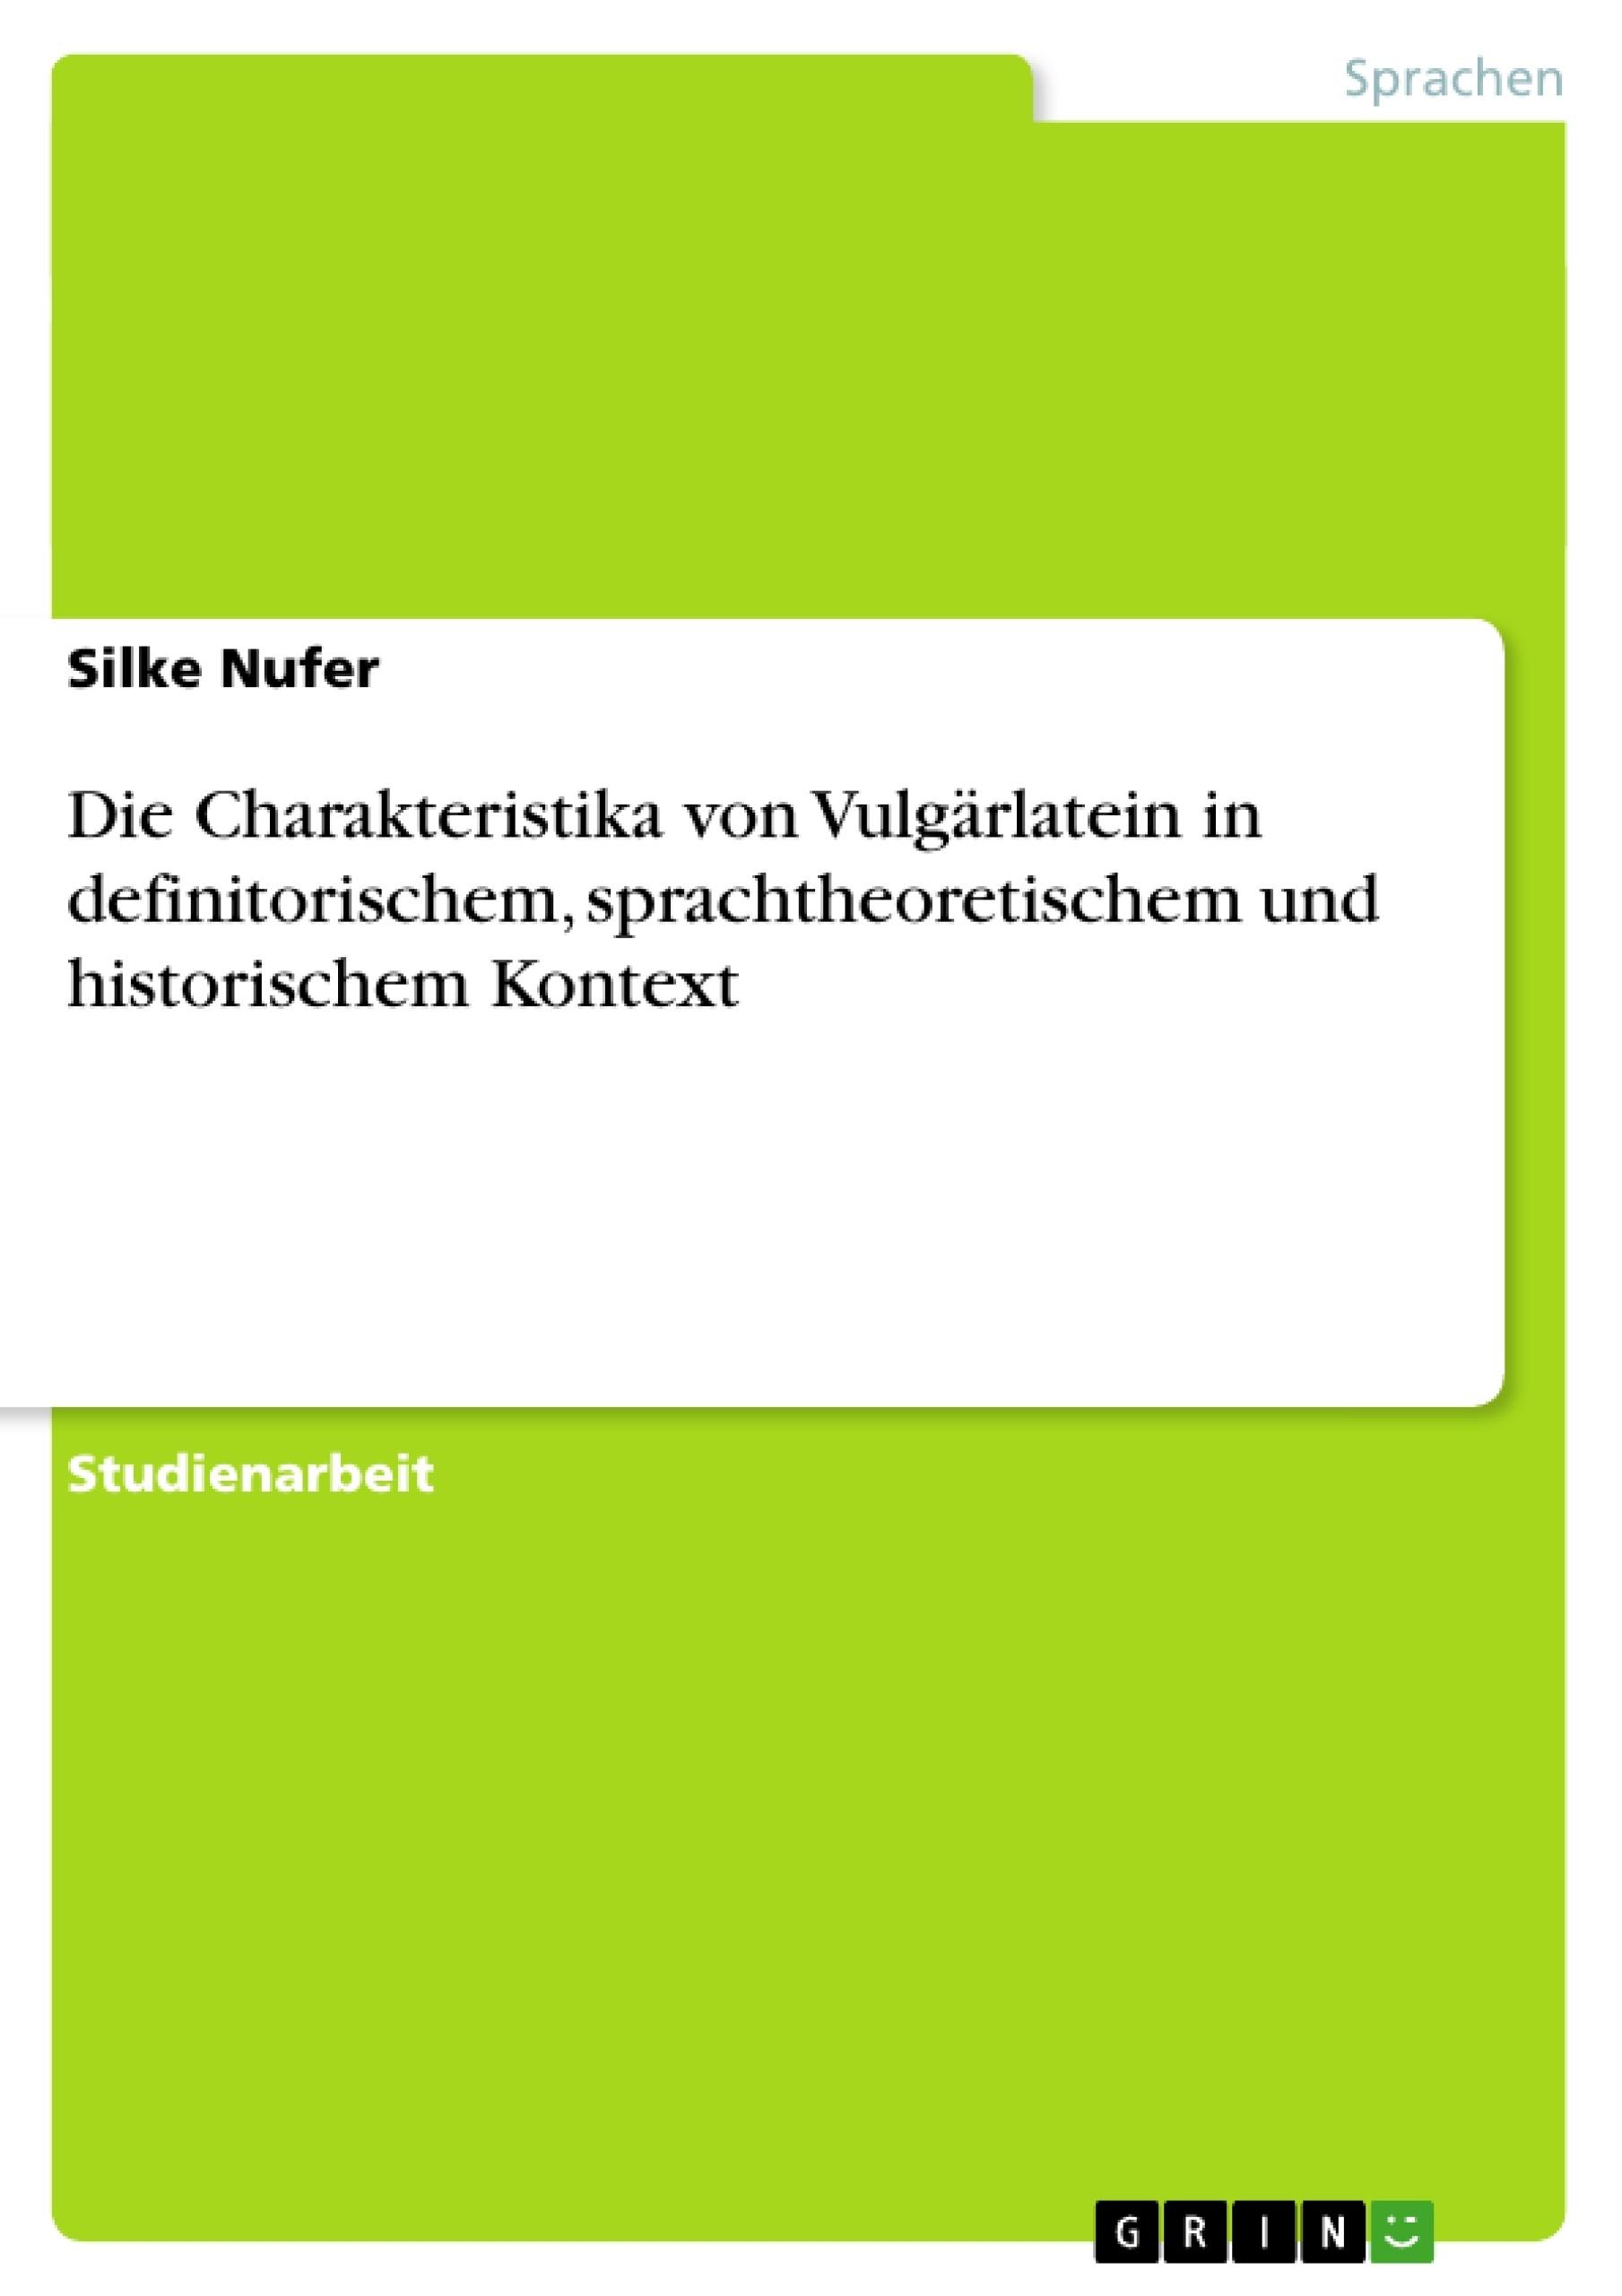 Titel: Die Charakteristika von Vulgärlatein in definitorischem, sprachtheoretischem und historischem Kontext